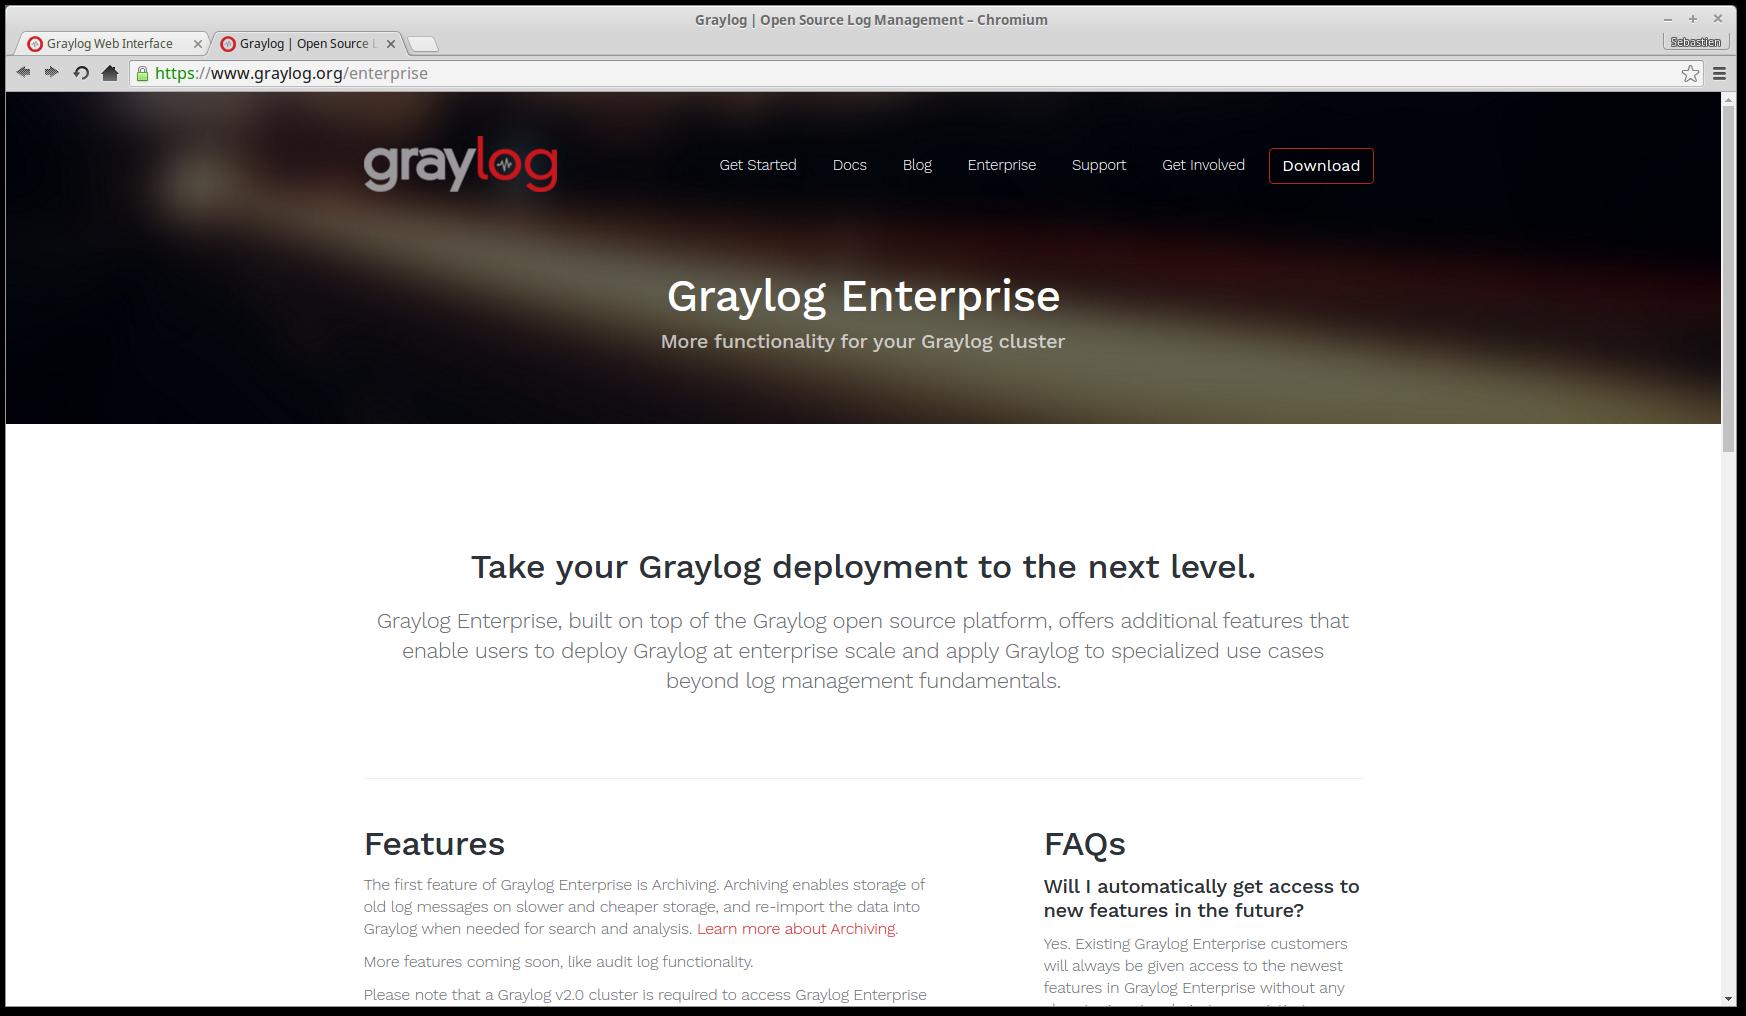 graylog_entreprise